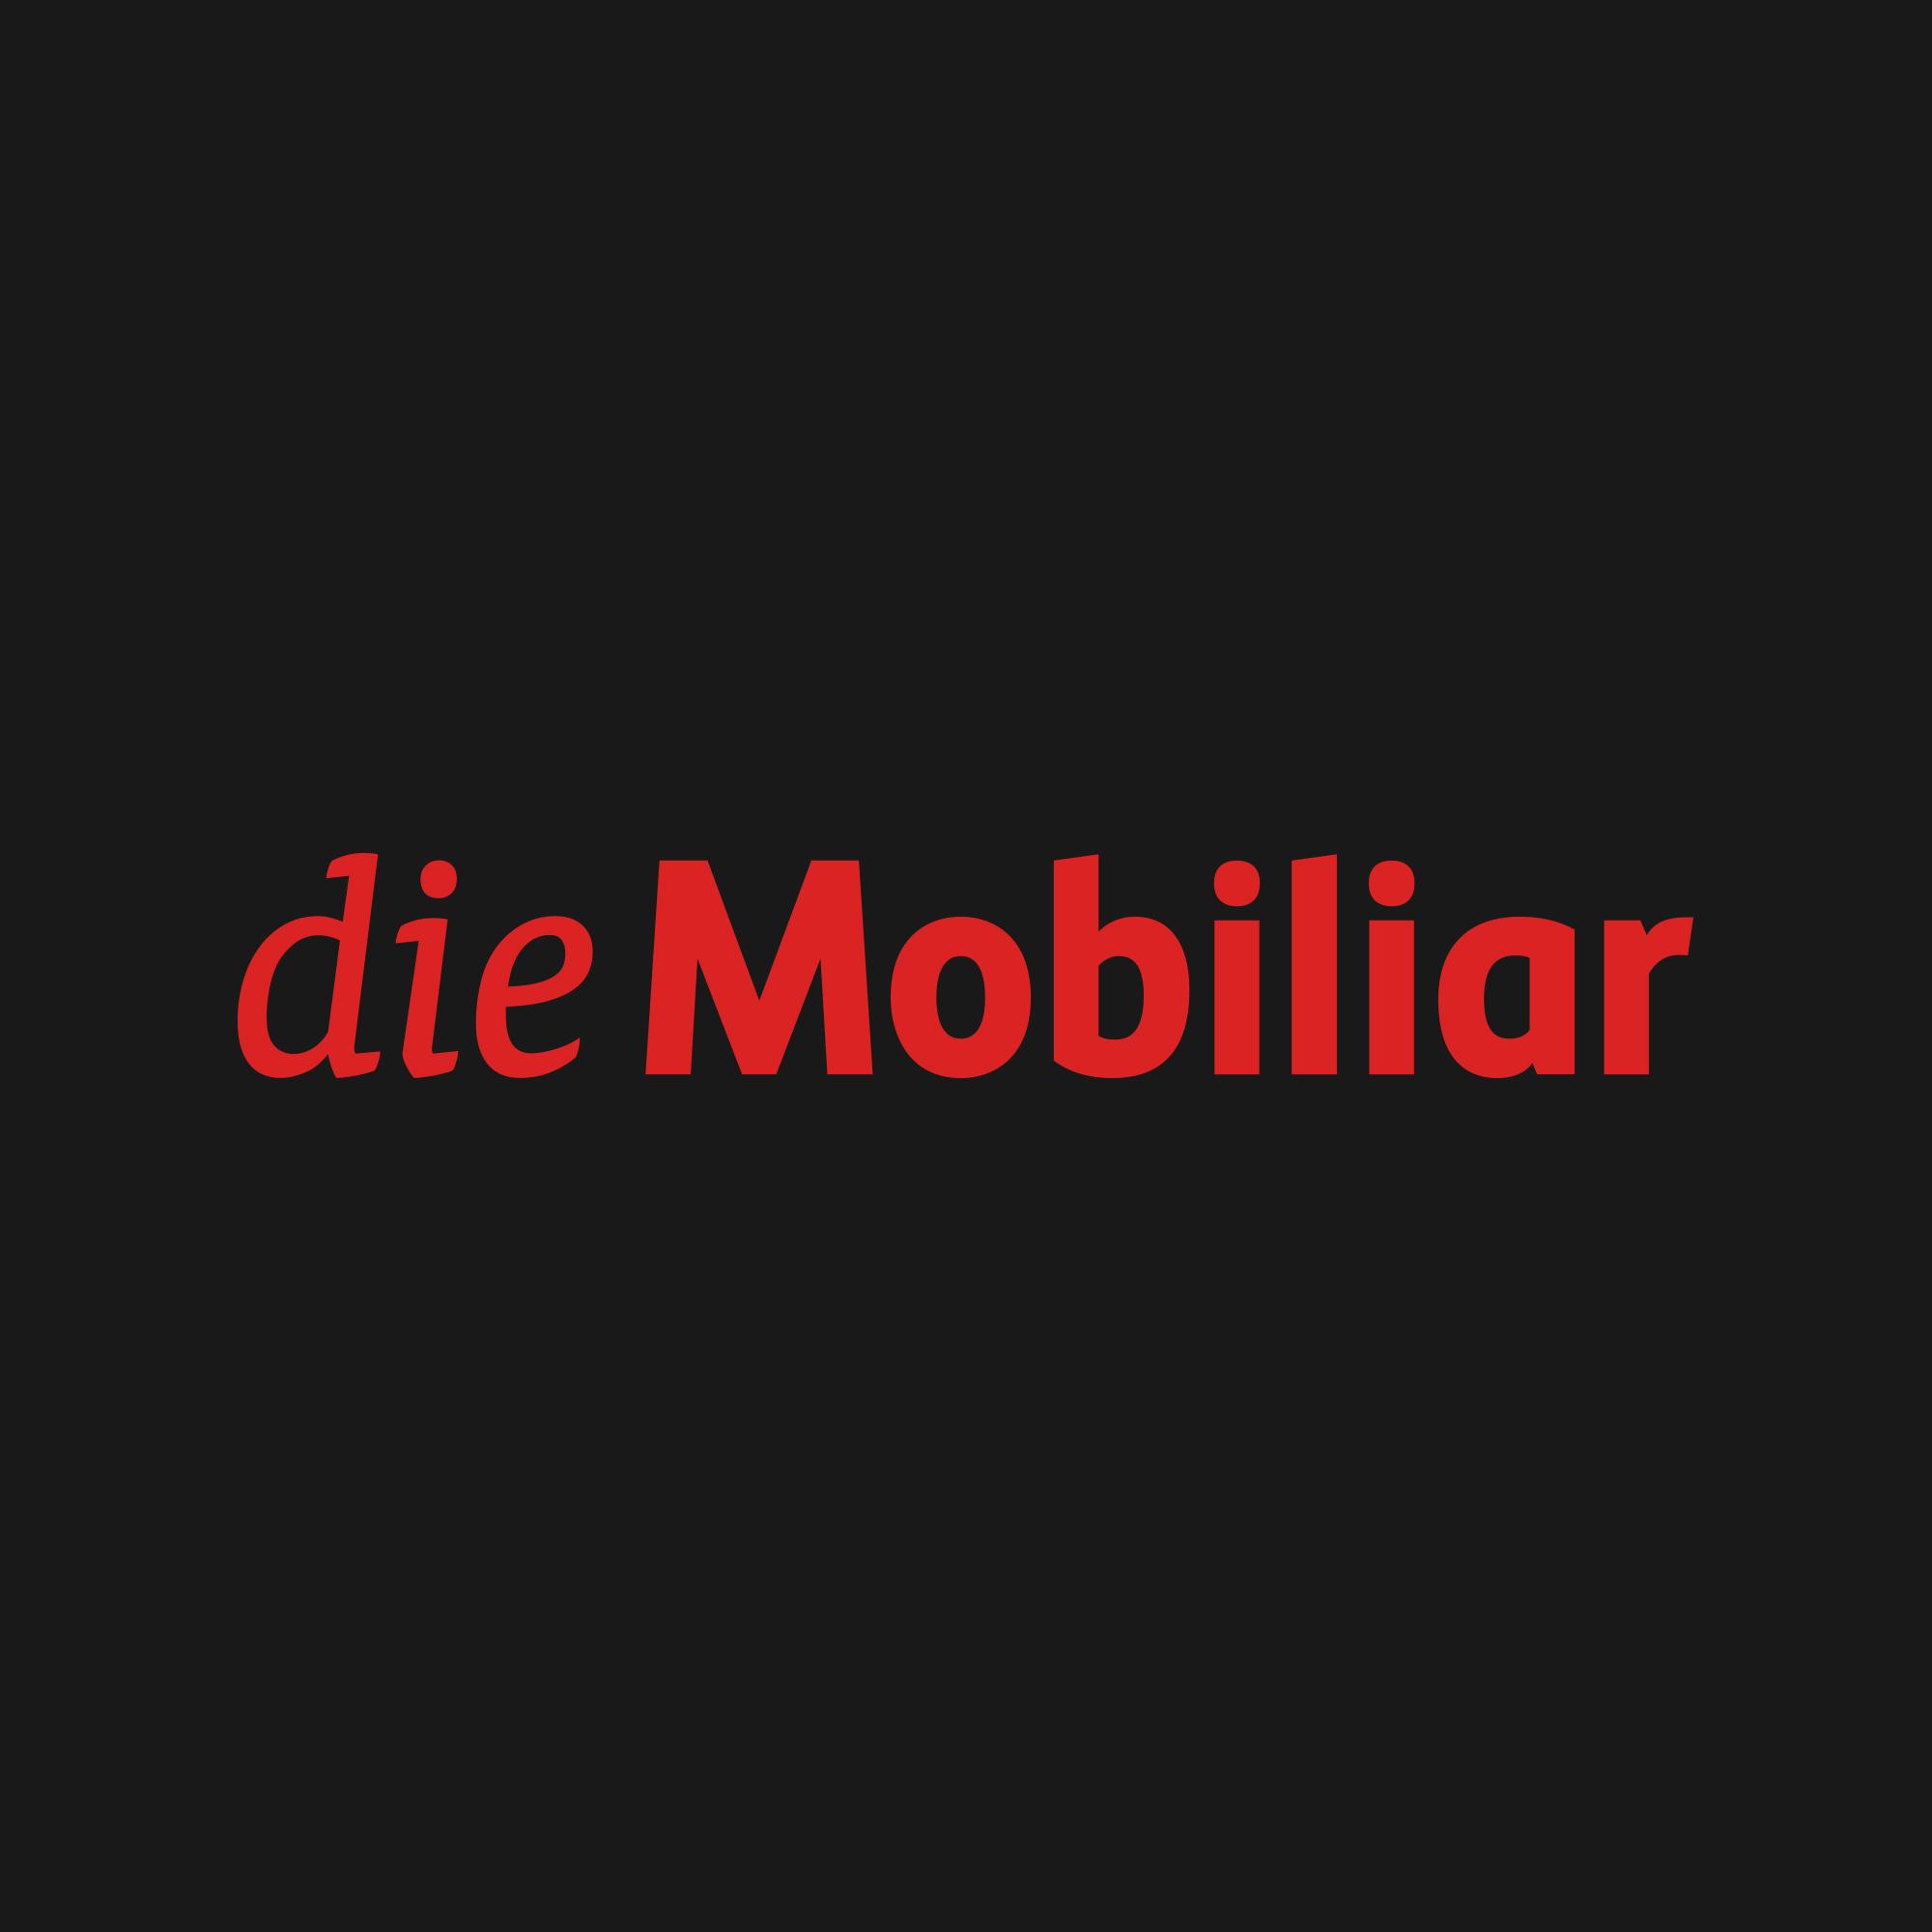 h&p_die Mobiliar